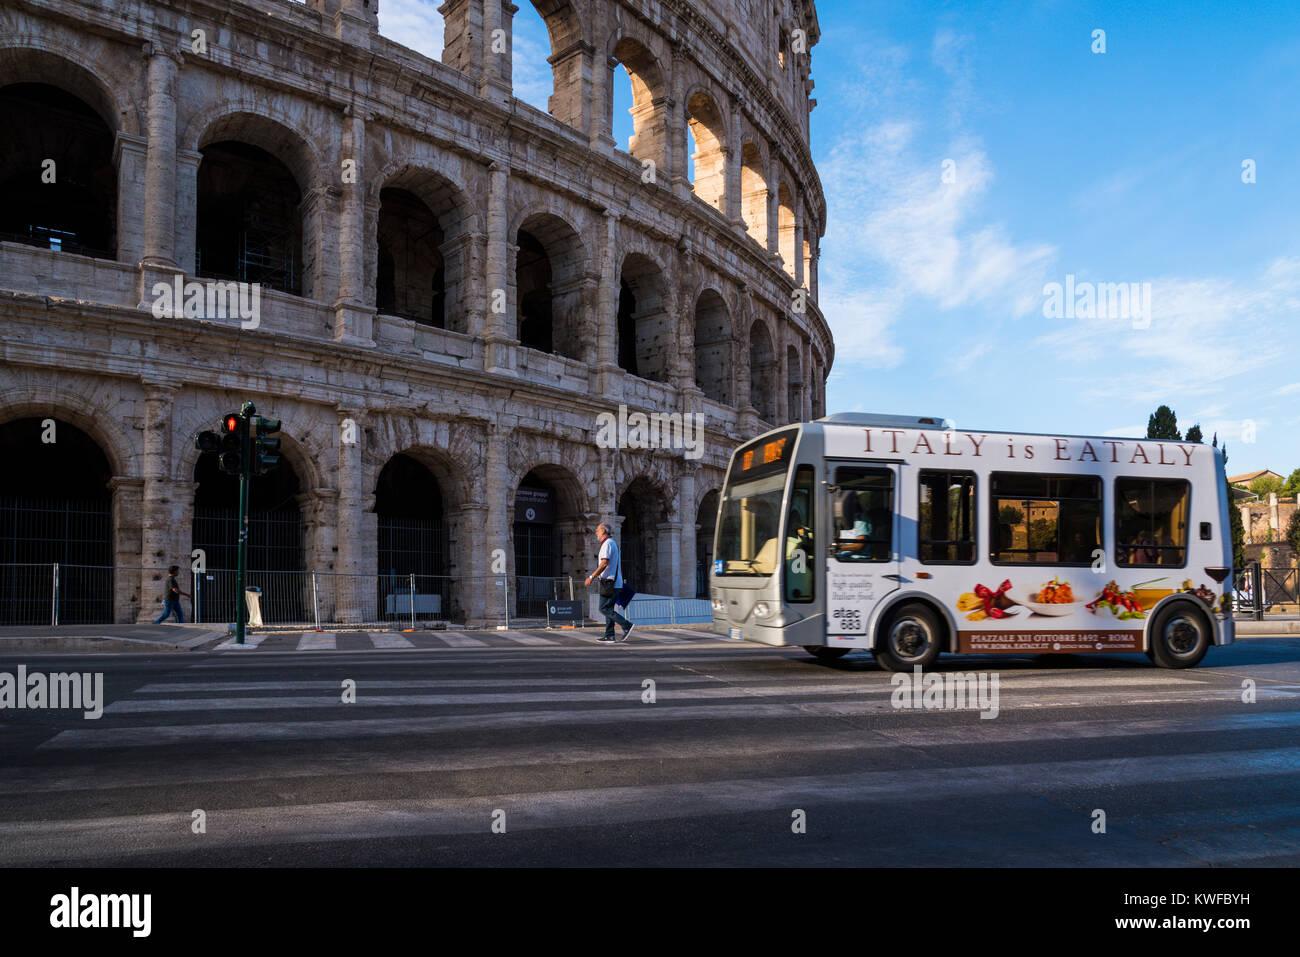 Il bus elettrico sulla strada romana con il Colosseo sullo sfondo, Roma, lazio, Italy Immagini Stock